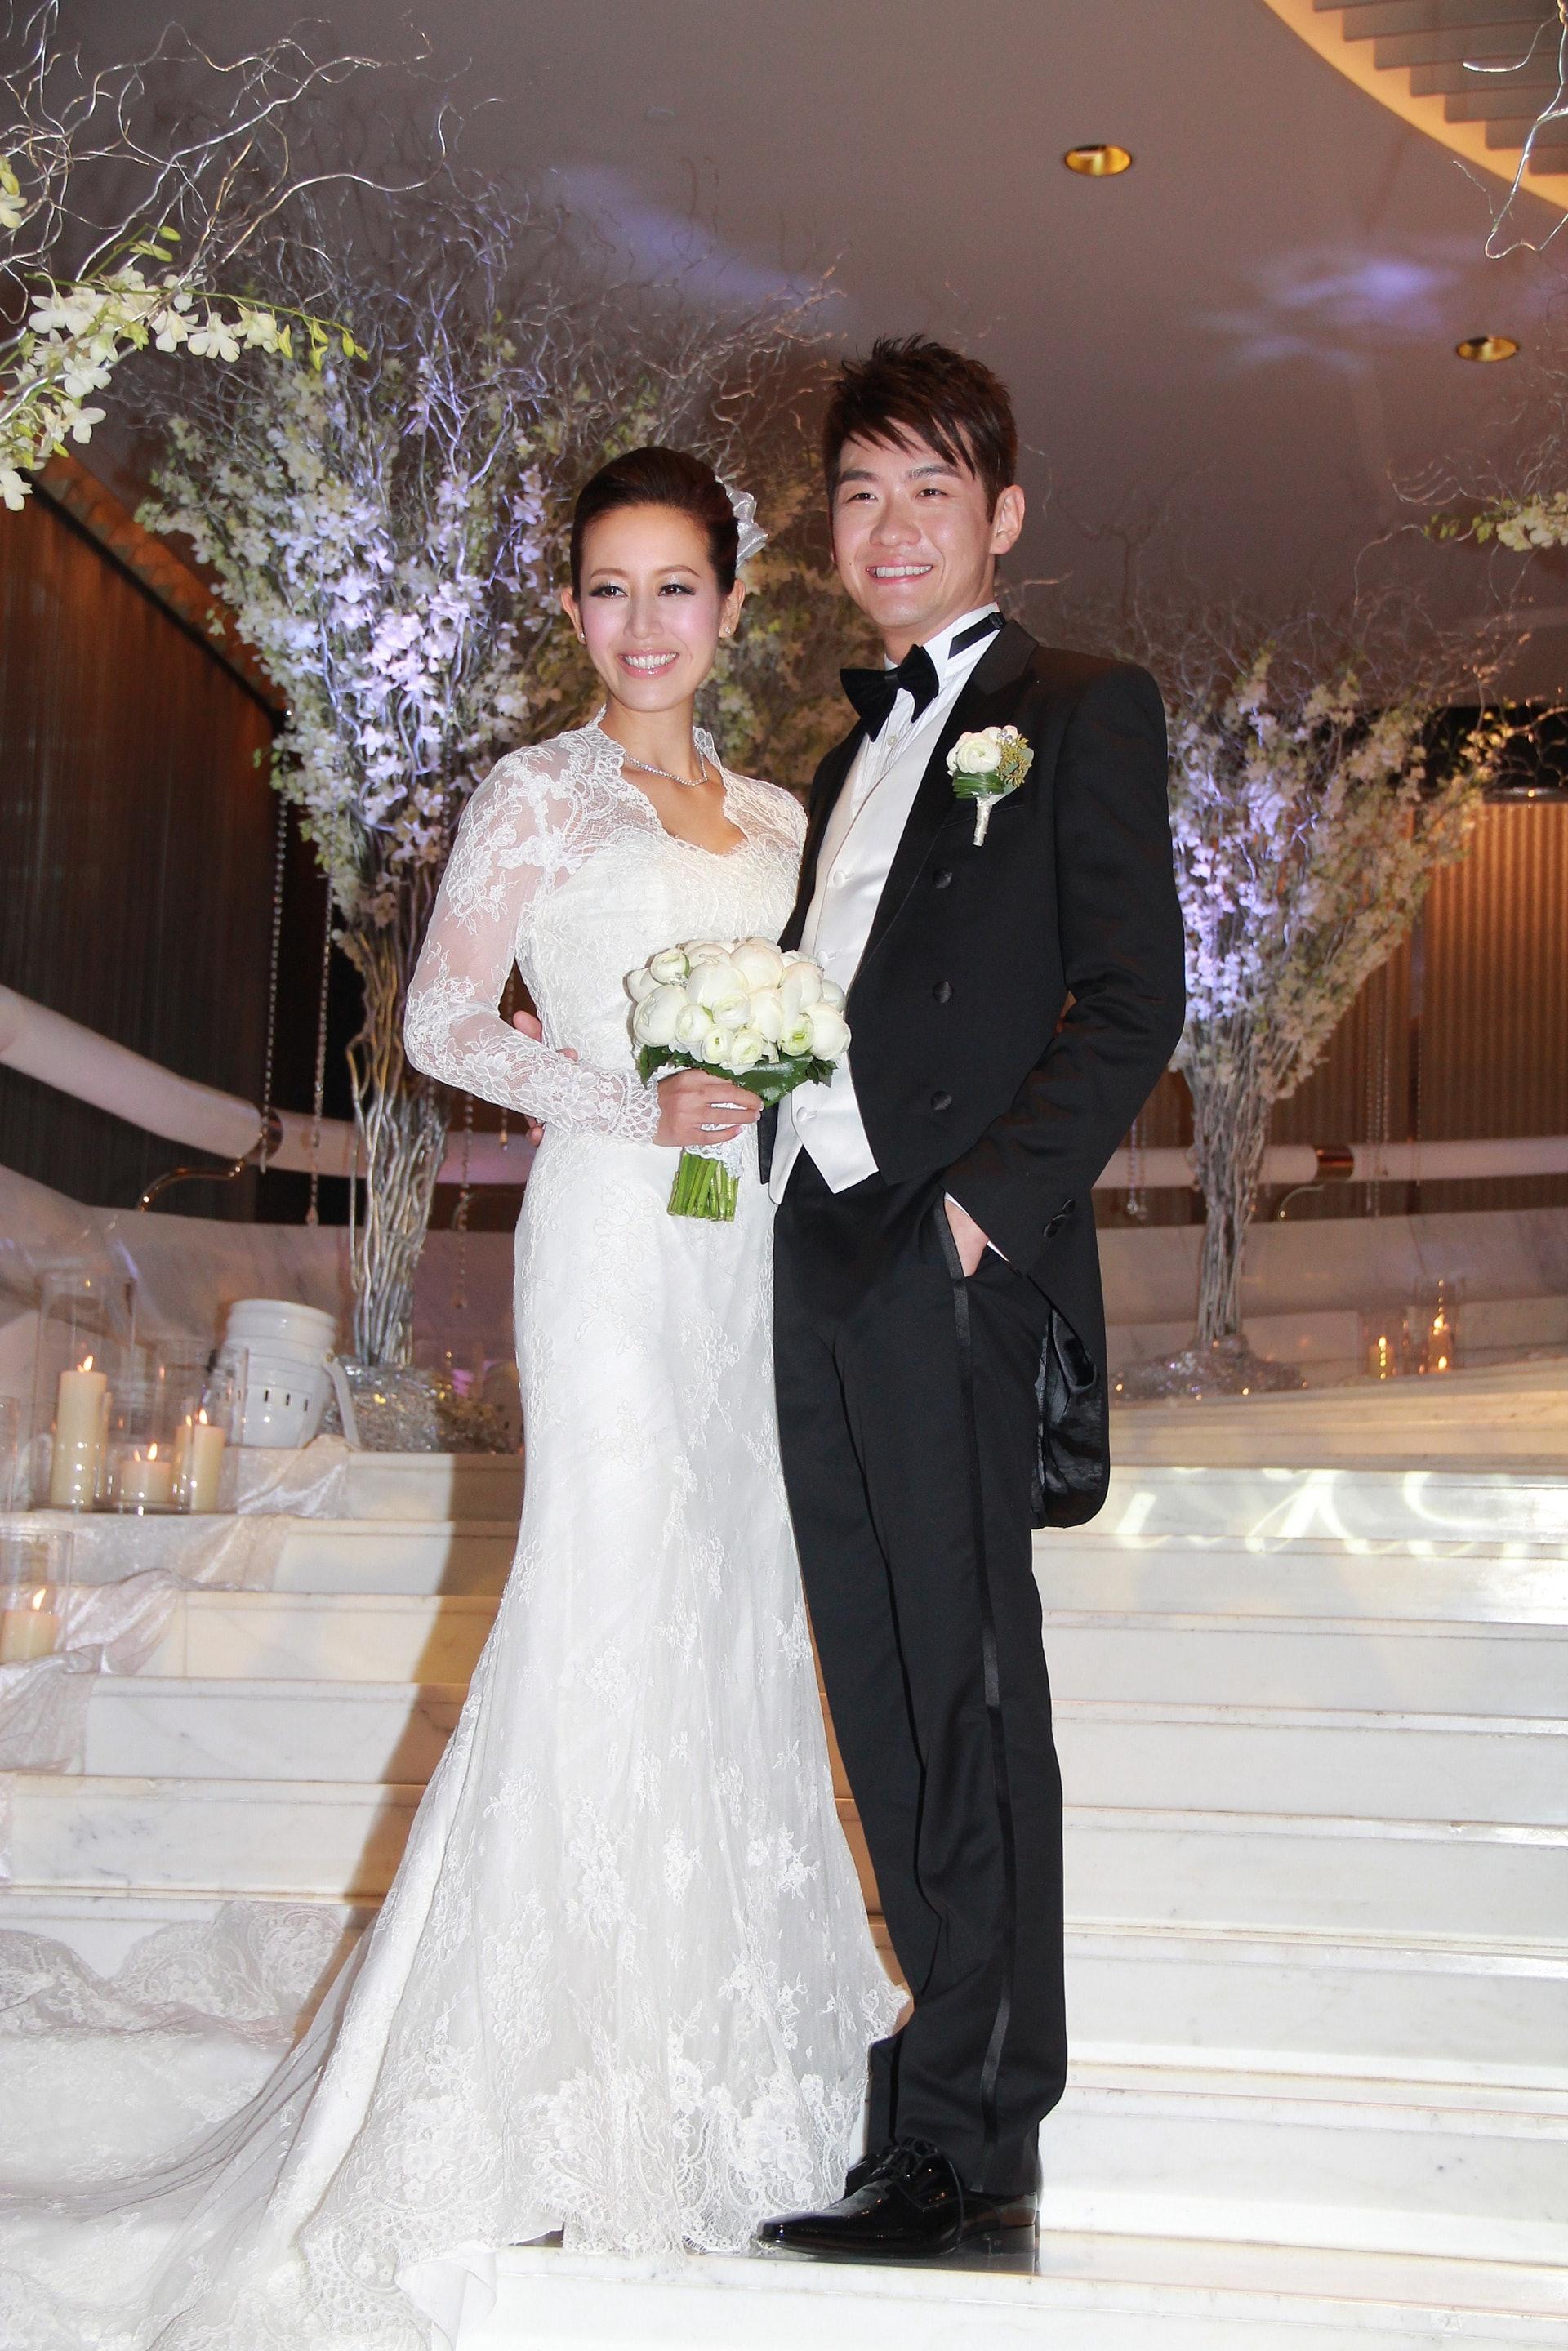 可惜兩人結婚只維持半年。(VCG)